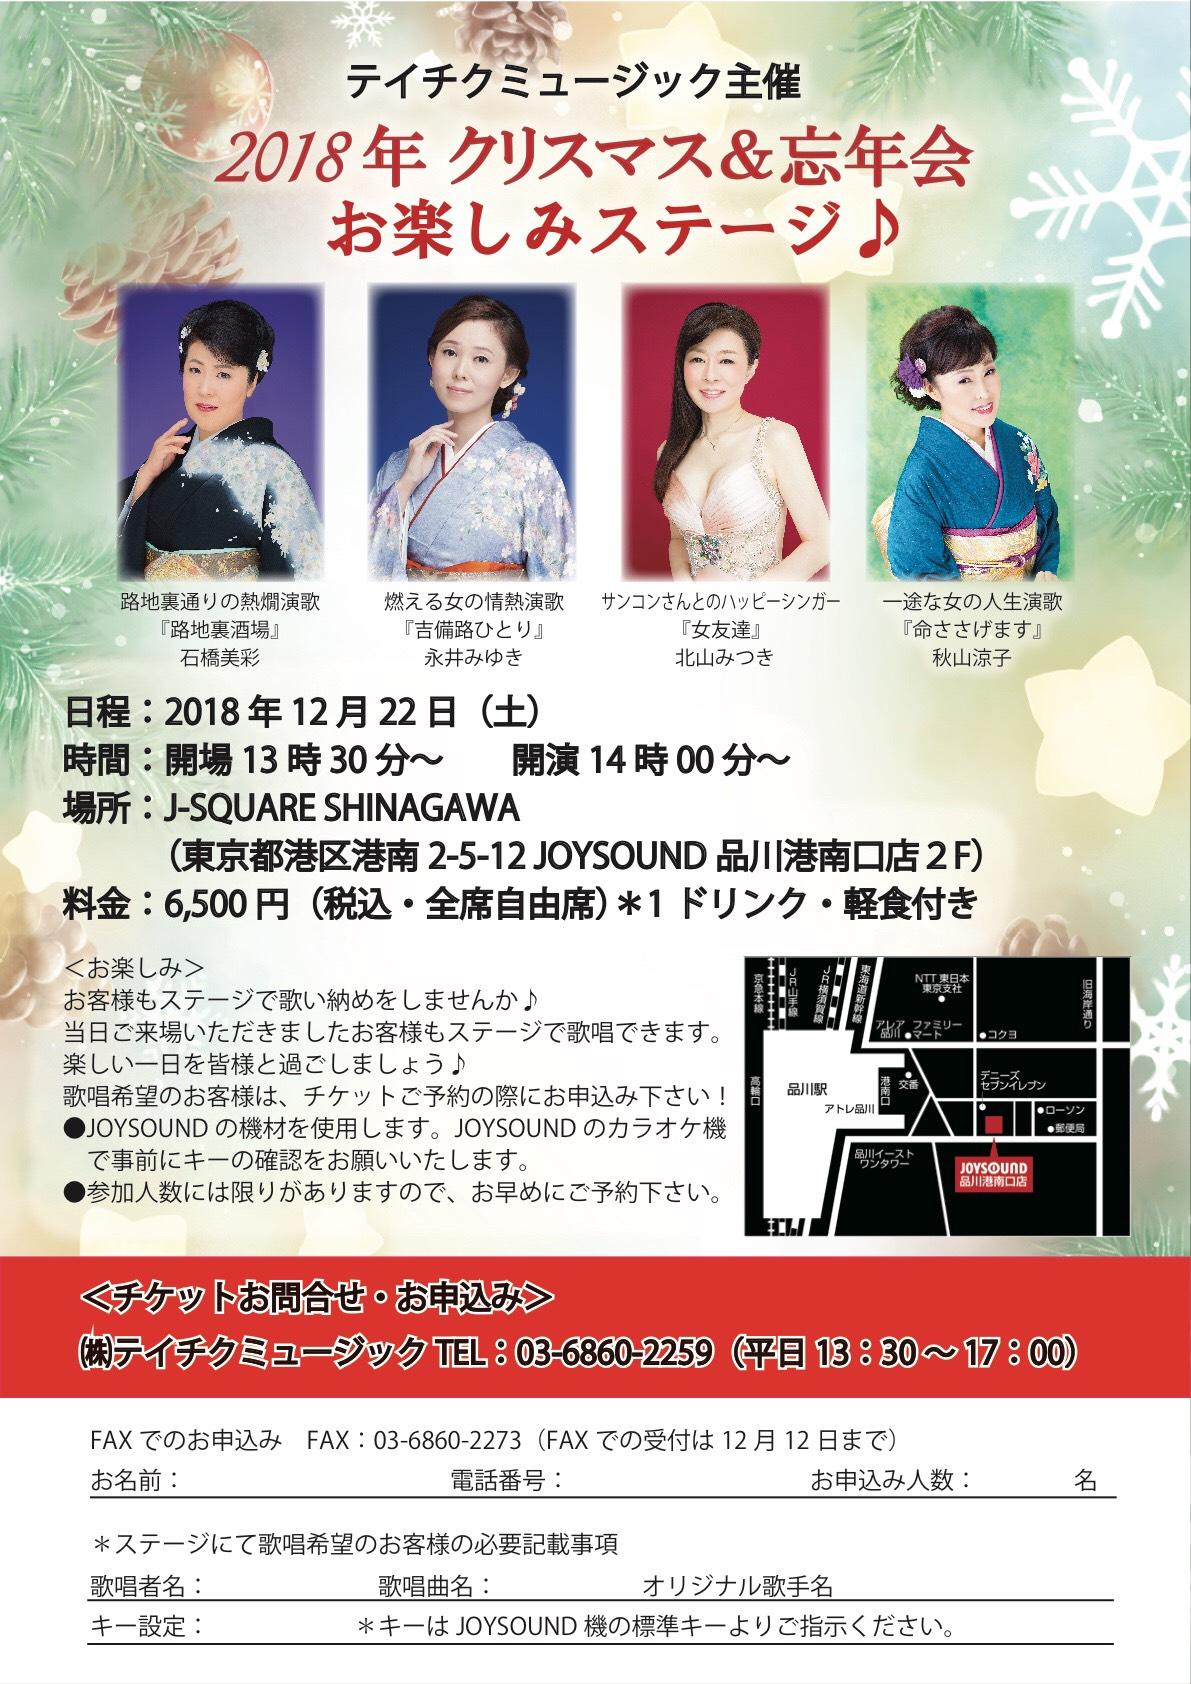 テイチクミュージック主催「2018年クリスマス&忘年会お楽しみステージ♪」 @ J-SQUARE SHINAGAWA